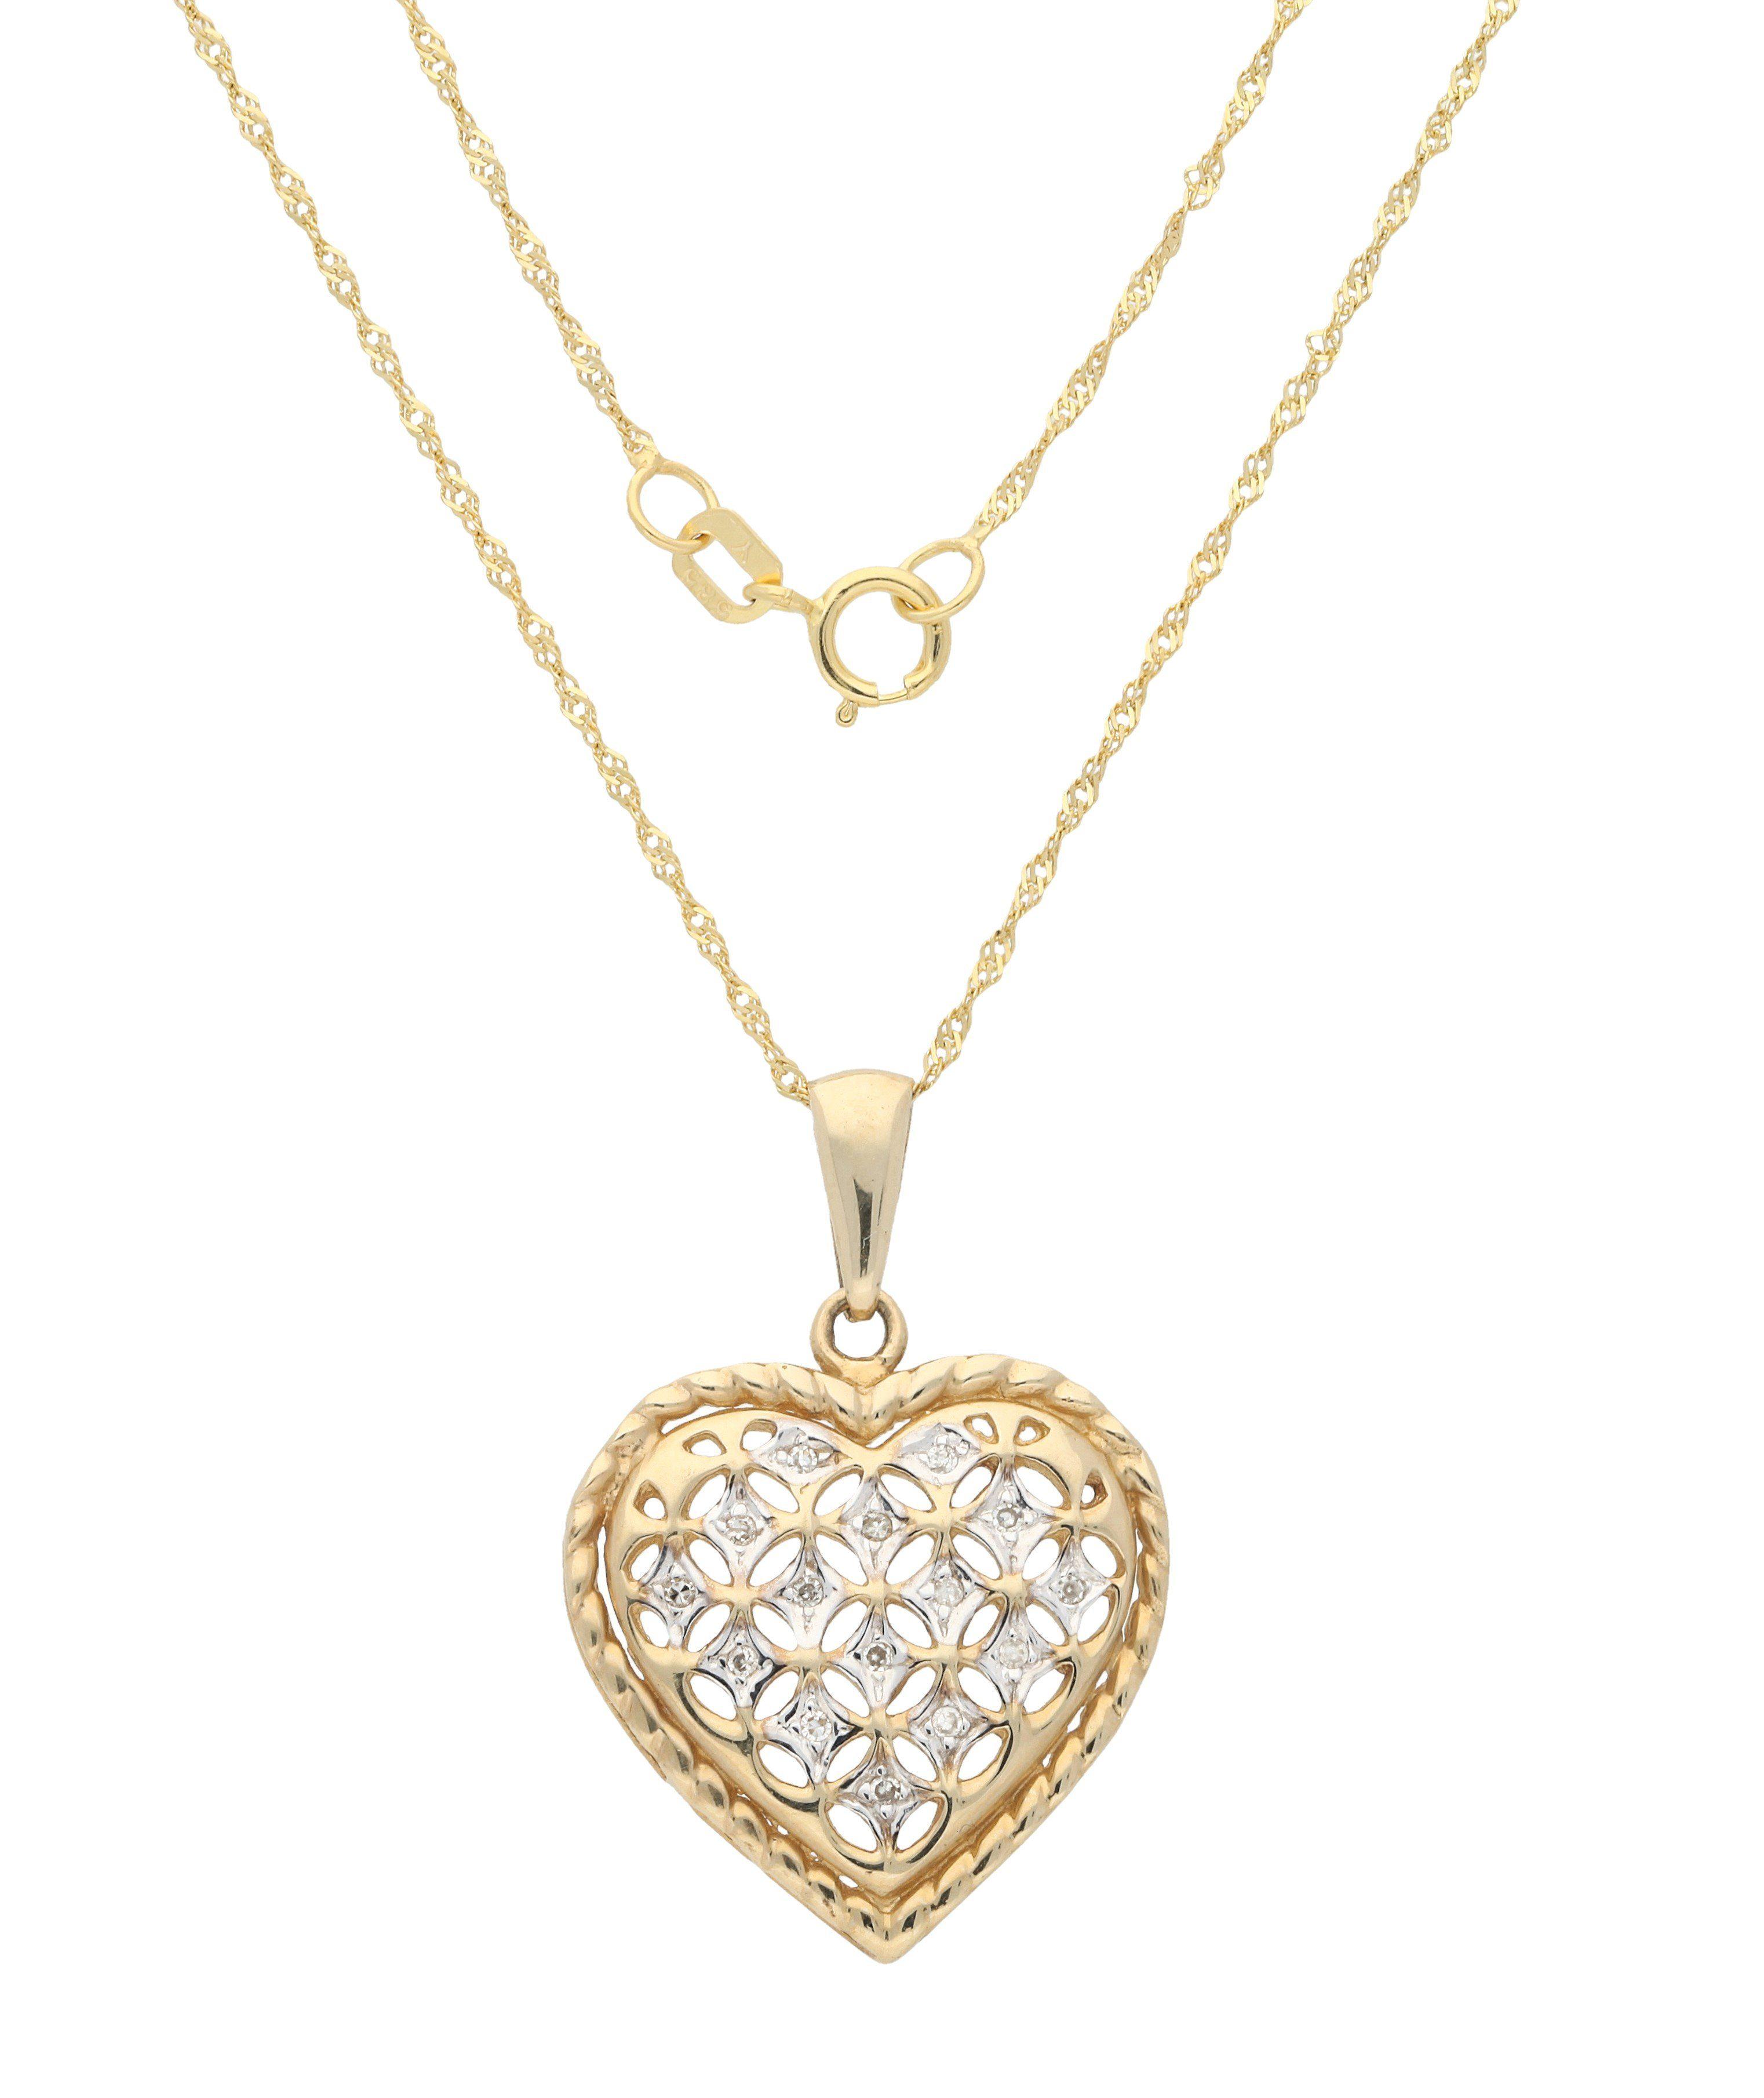 Vivance Kette mit Anhänger Herz   Schmuck > Halsketten > Herzketten   Goldfarben   Vivance